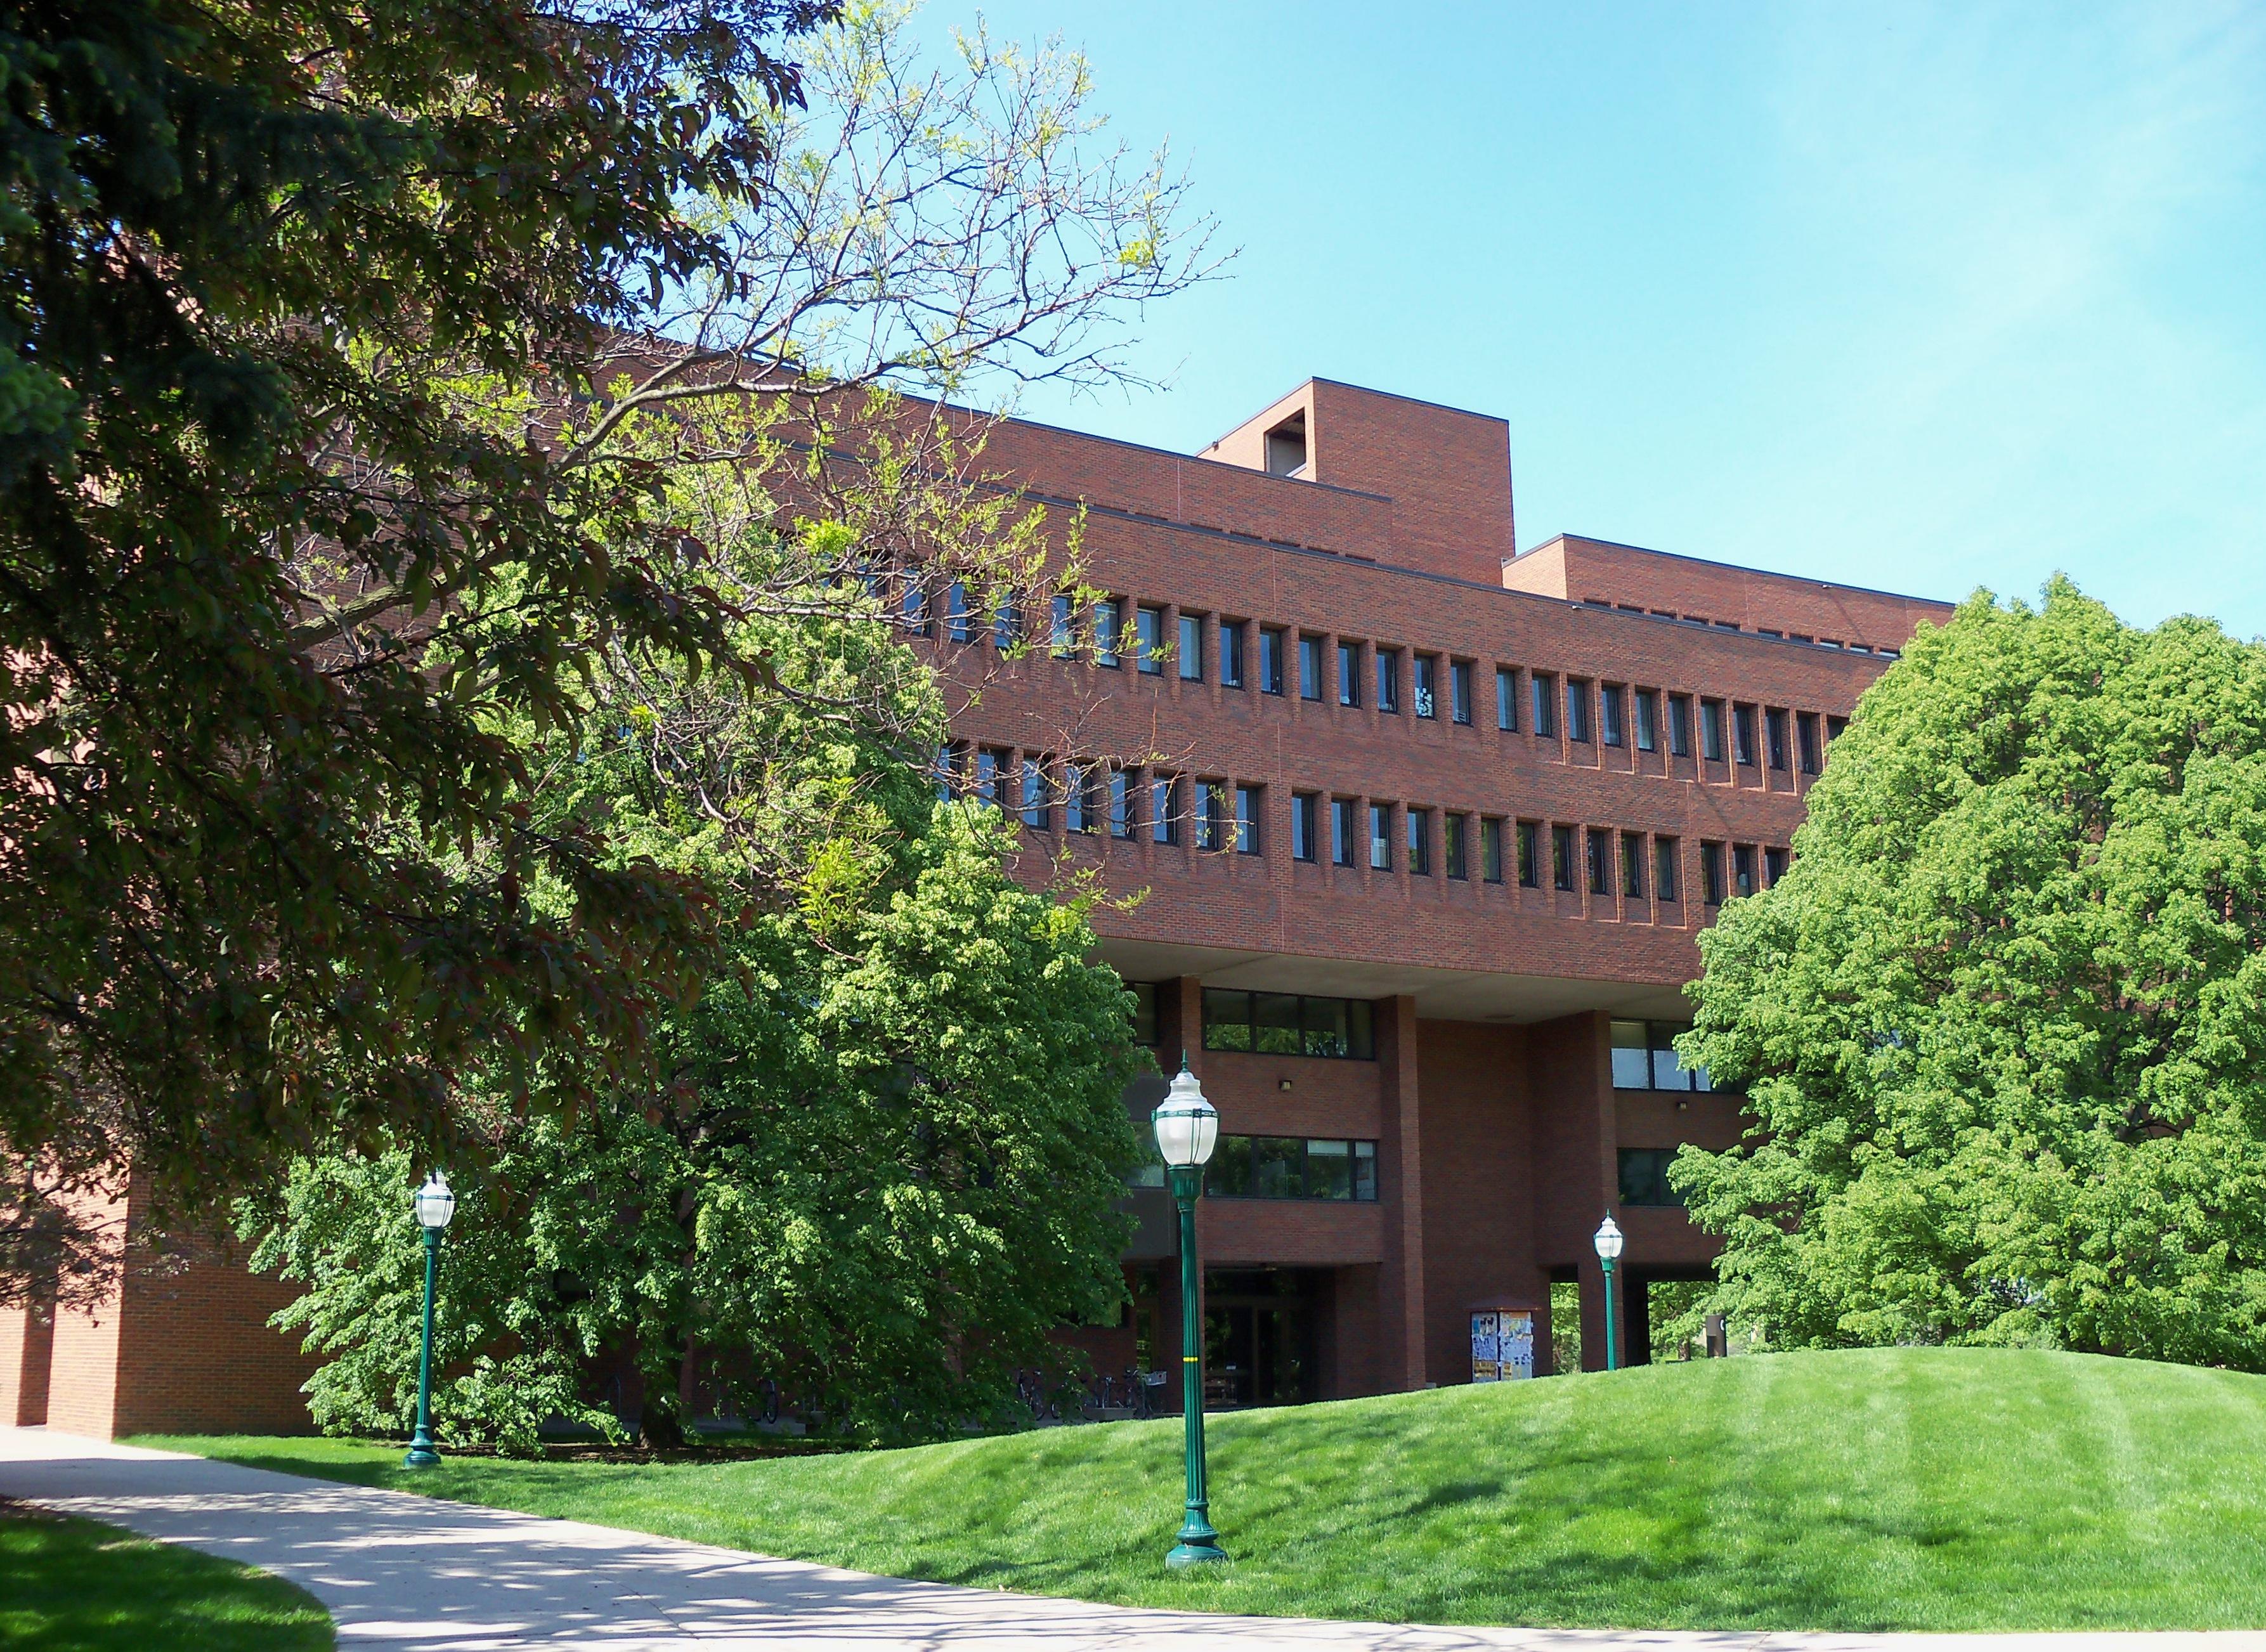 File:Elliott Hall Minnesota 5.jpg - Wikimedia Commons